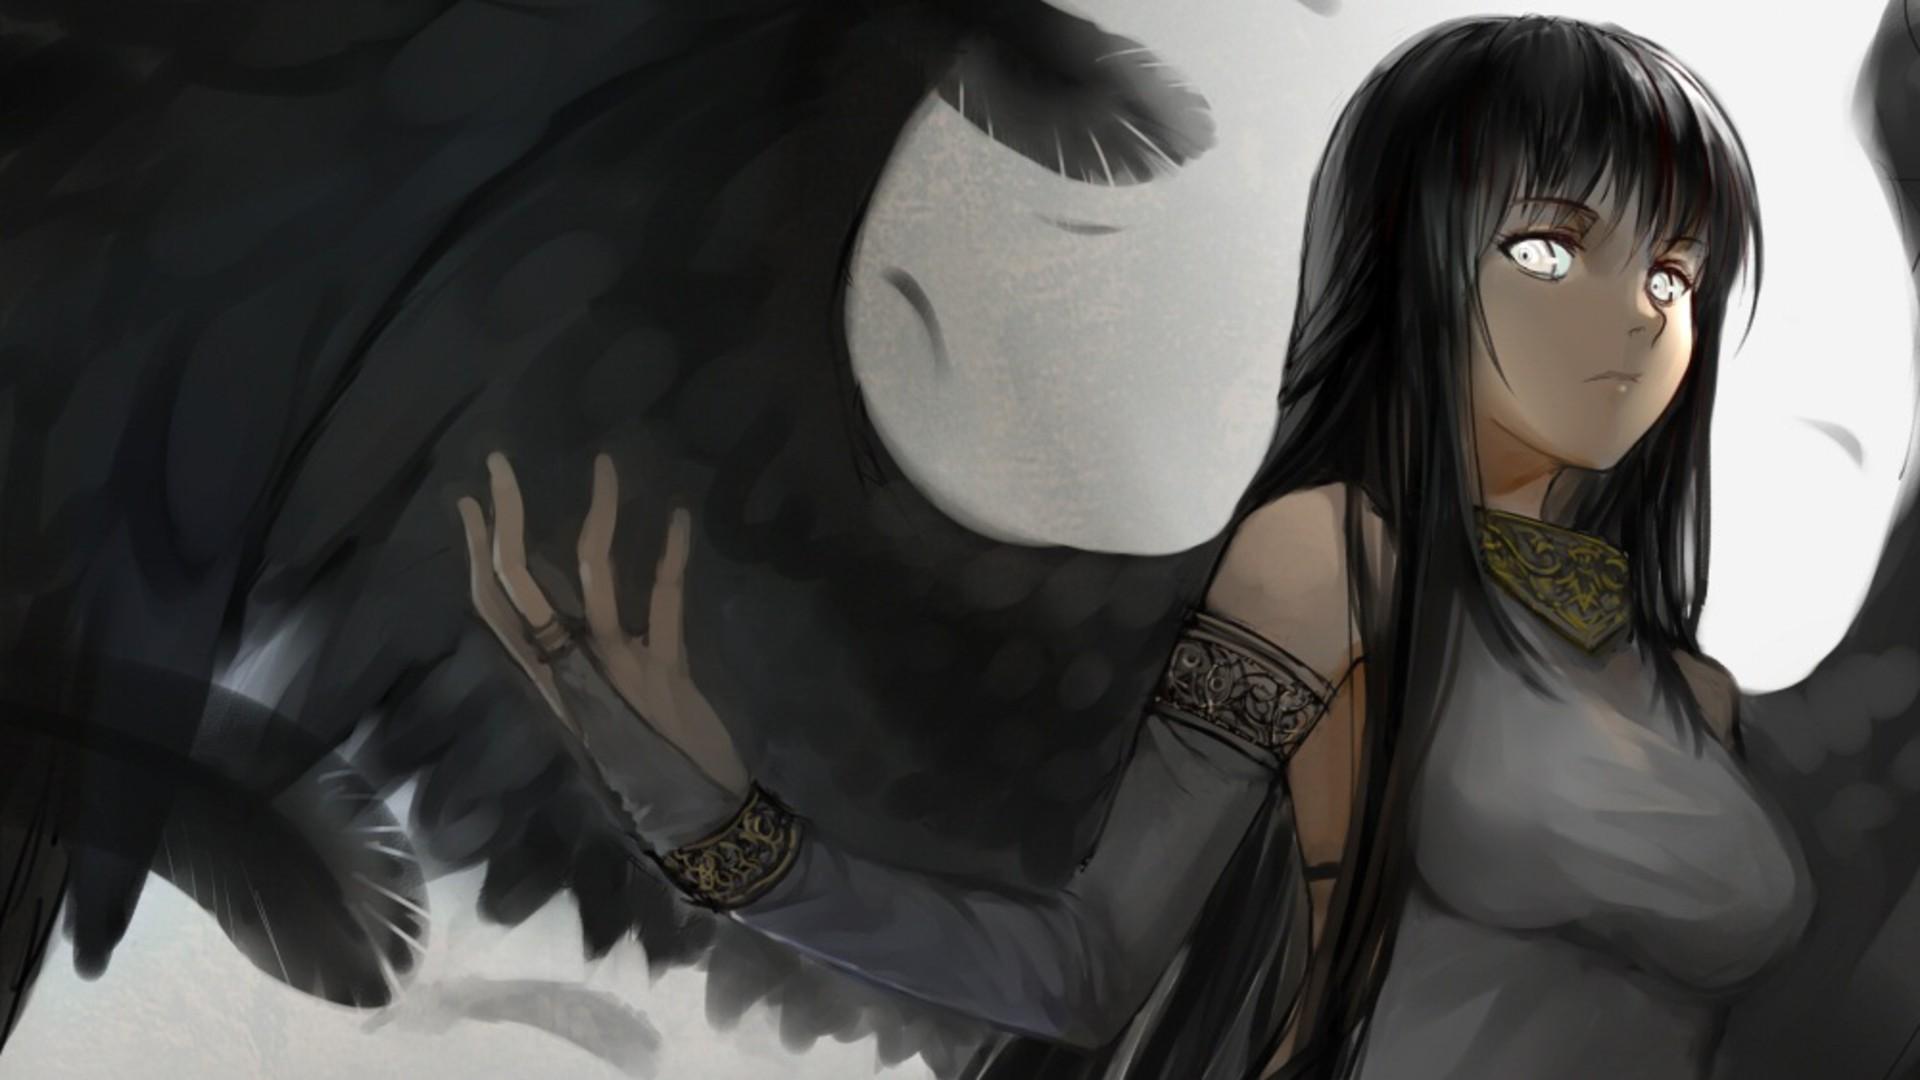 Wallpaper Anime Girls Angel Black Hair Morrigan Character